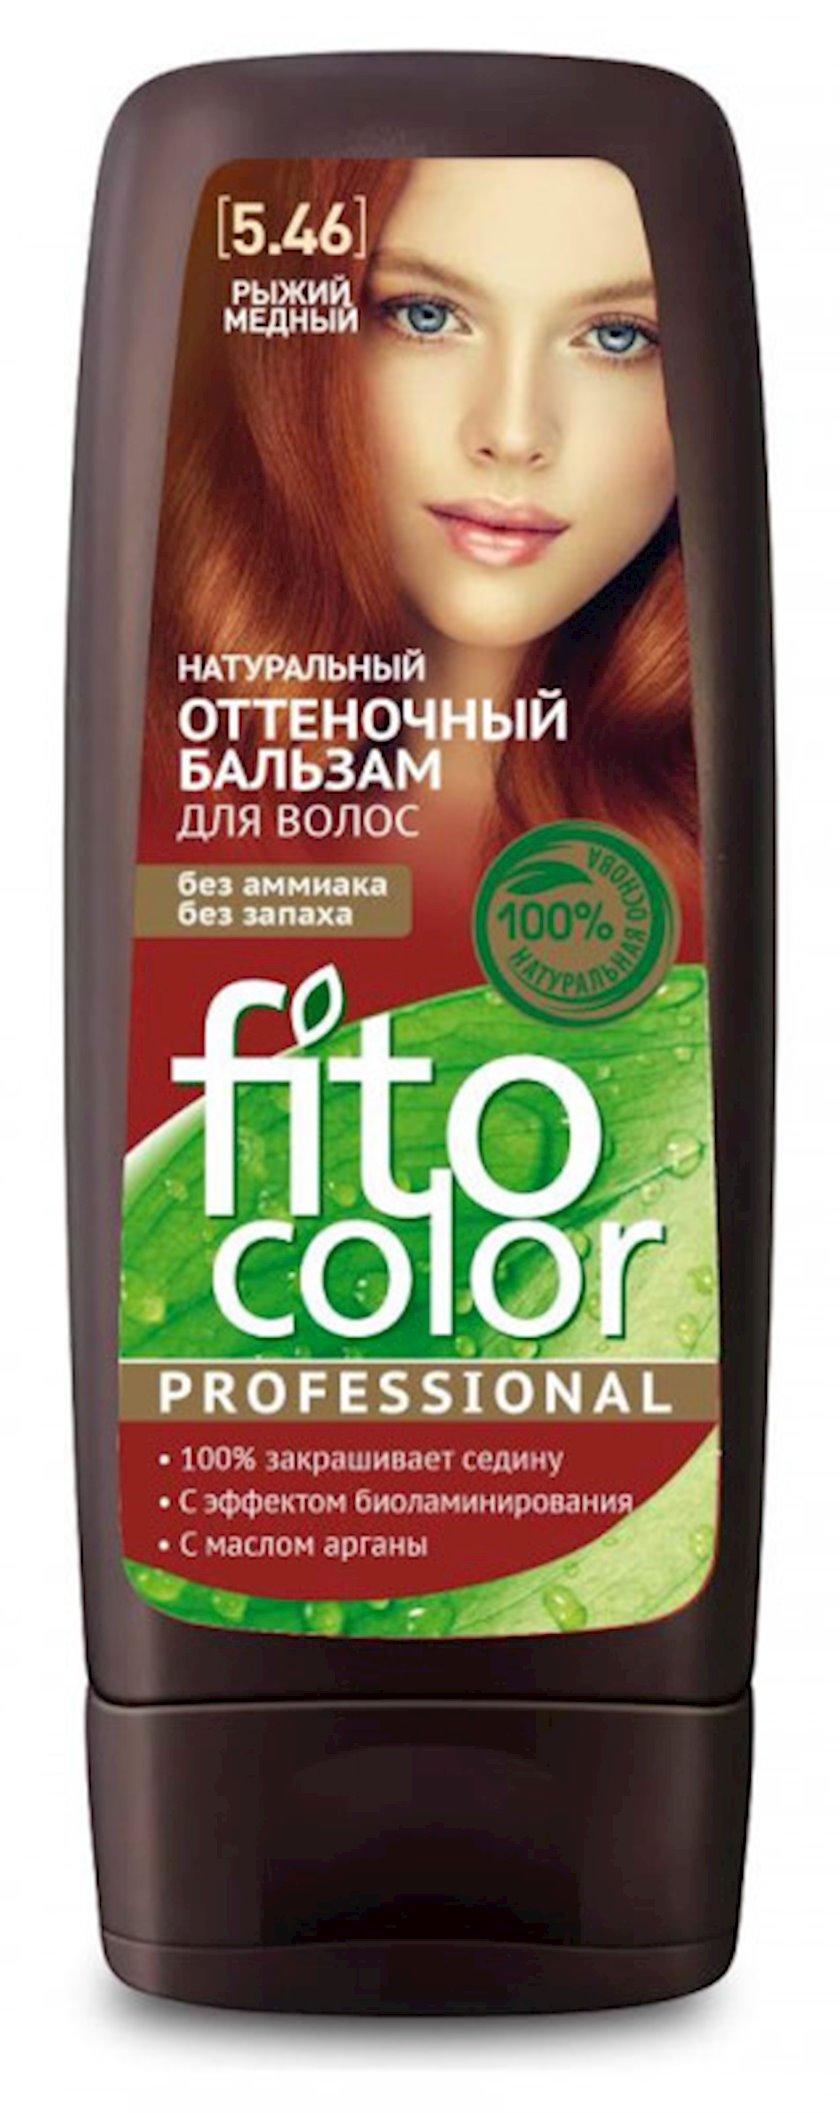 Çalar dəyişdirən balzam Фитокосметик Fito Color Professional 5.46 Qırmızı Mis 140 ml